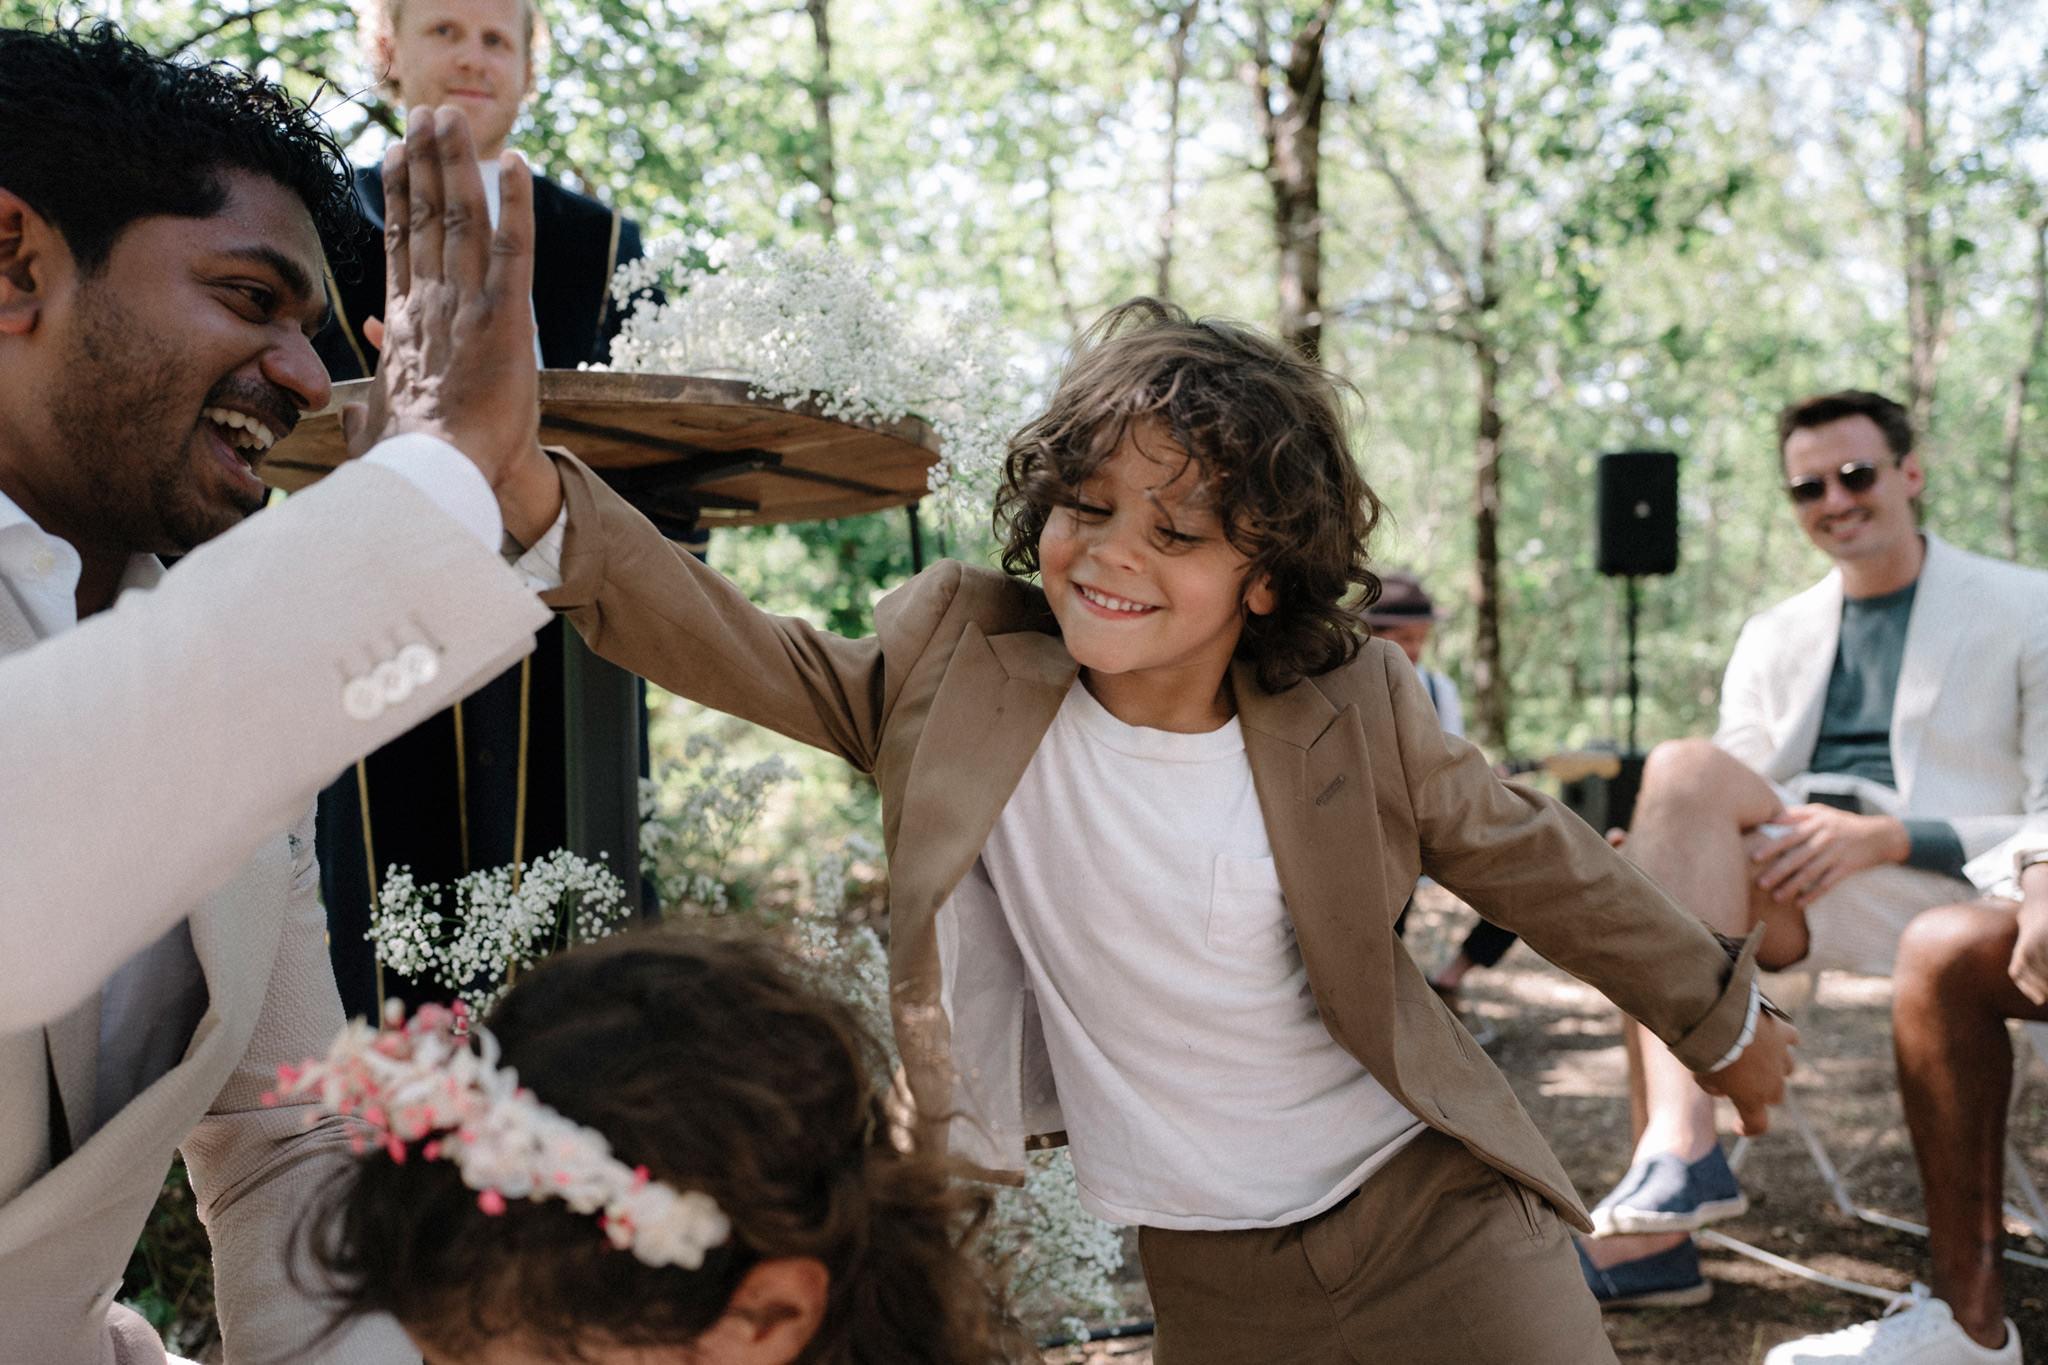 wedding-destination-bordeaux-famille-ceremonie